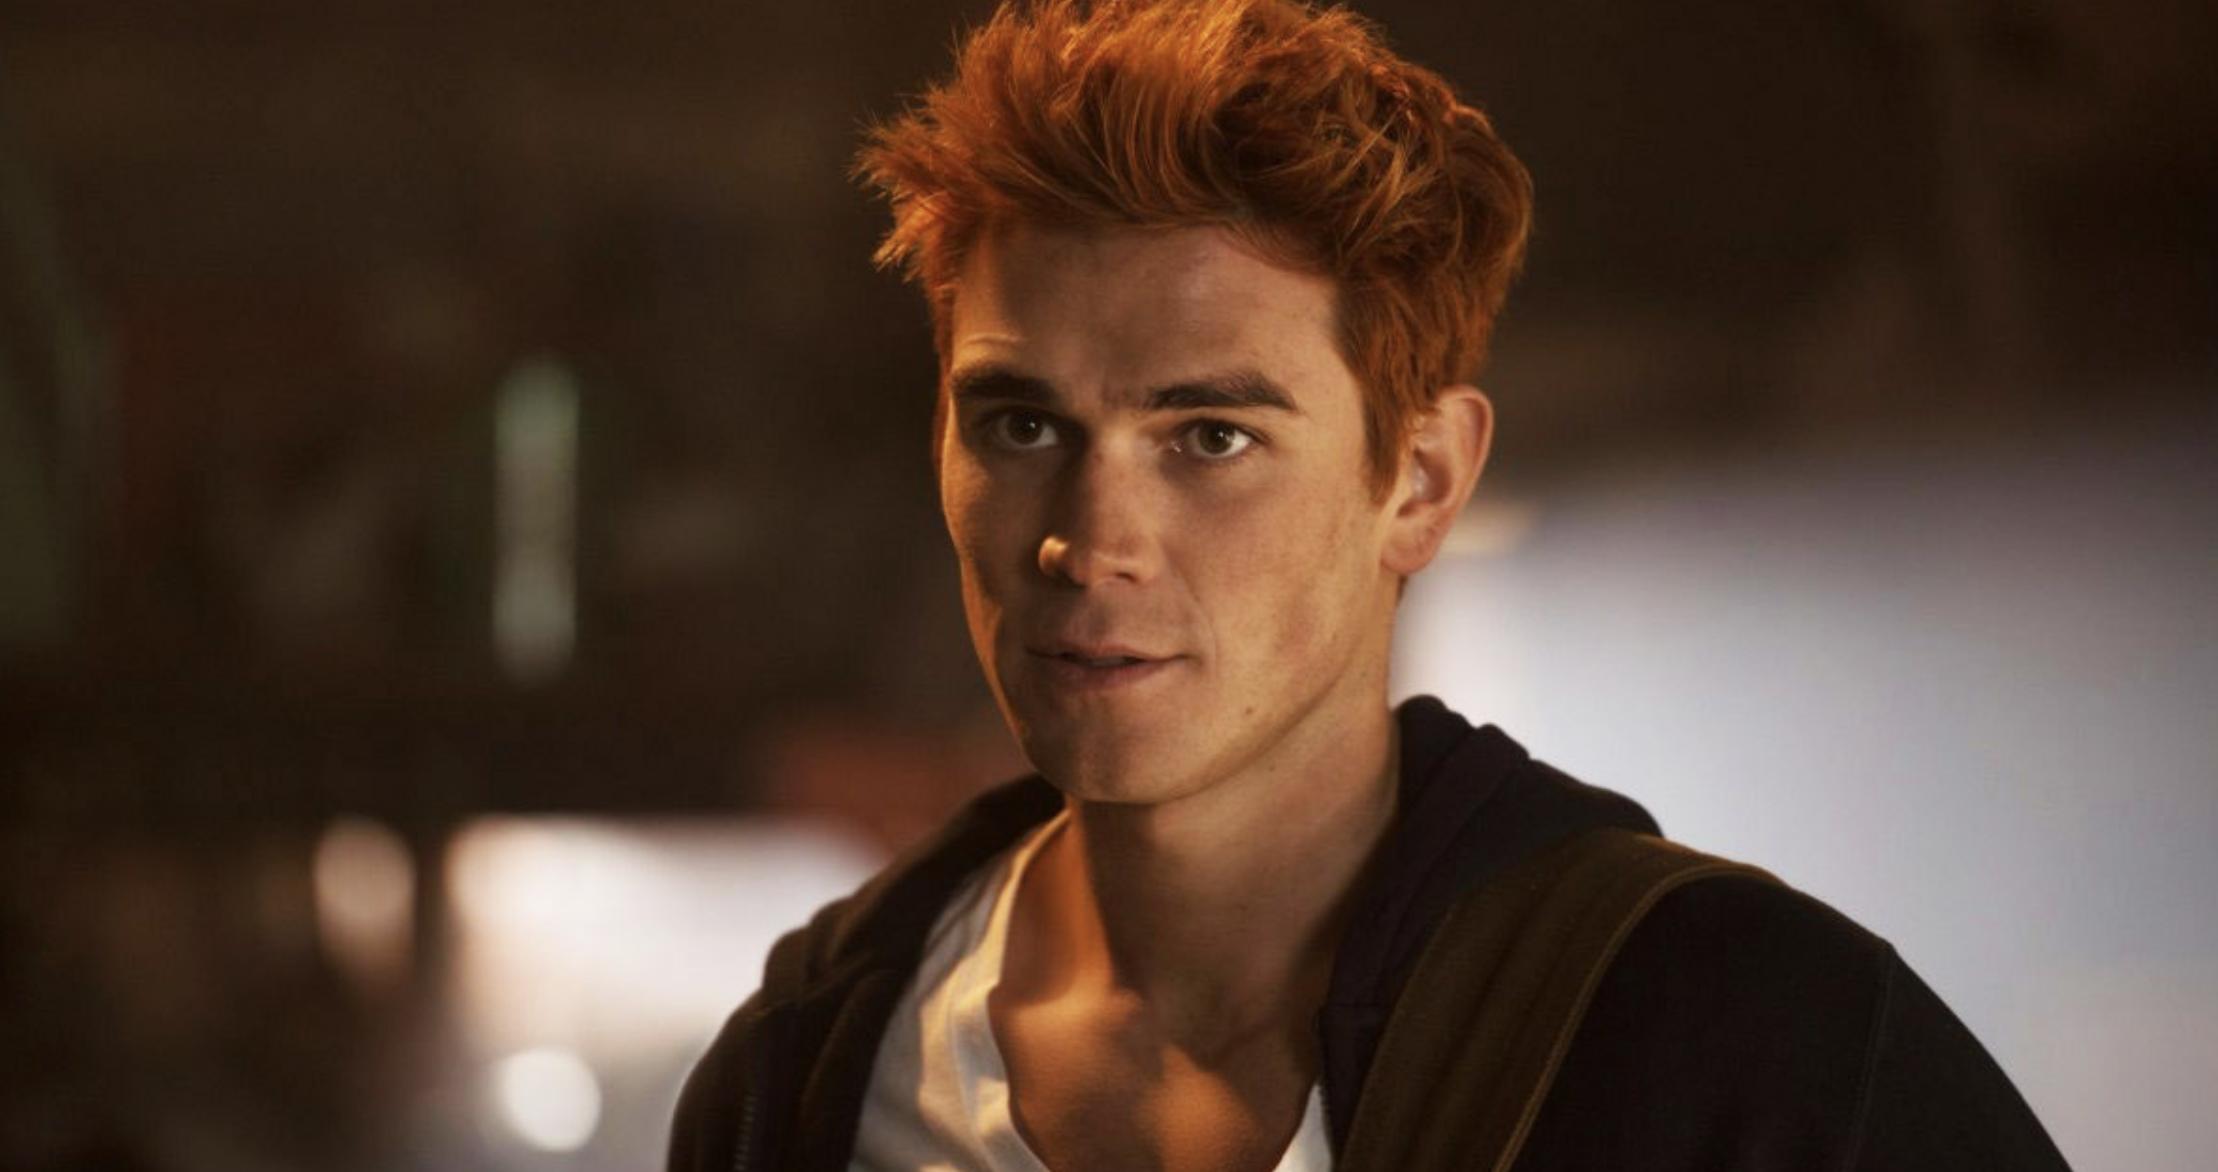 Riverdale : Archie va-t-il mourir dans la saison 5 ?